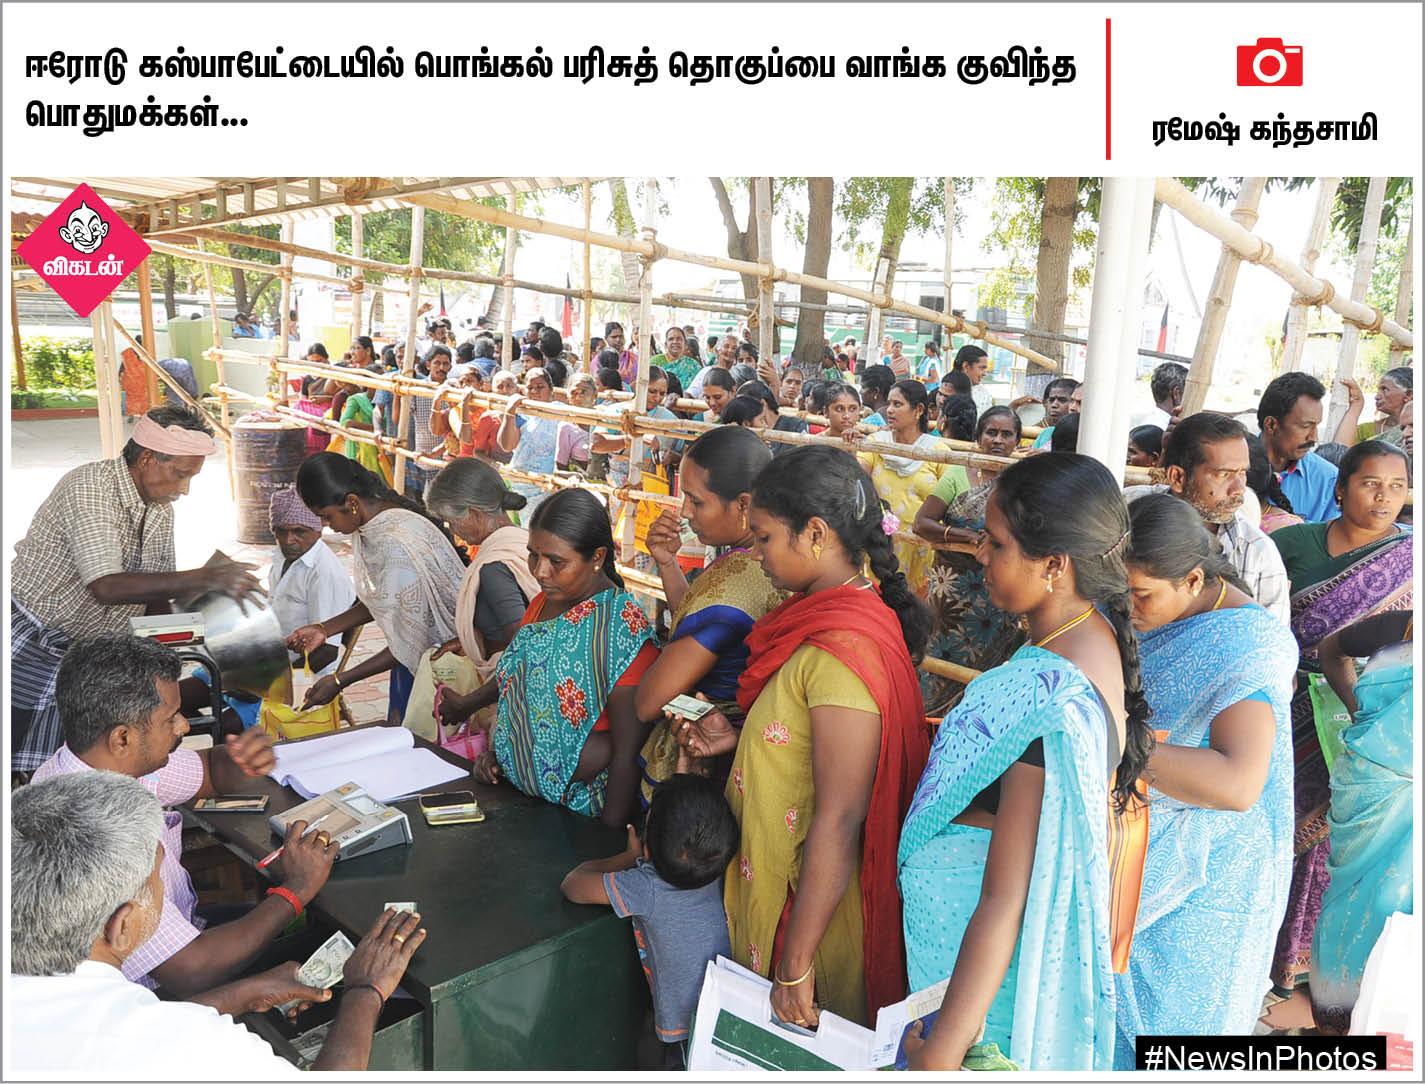 திருவாரூரில் உரையாற்றும் ஸ்டாலின்... இயக்கப்படும் புதிய அரசுப்பேருந்துகள்... #NewsInPhotos